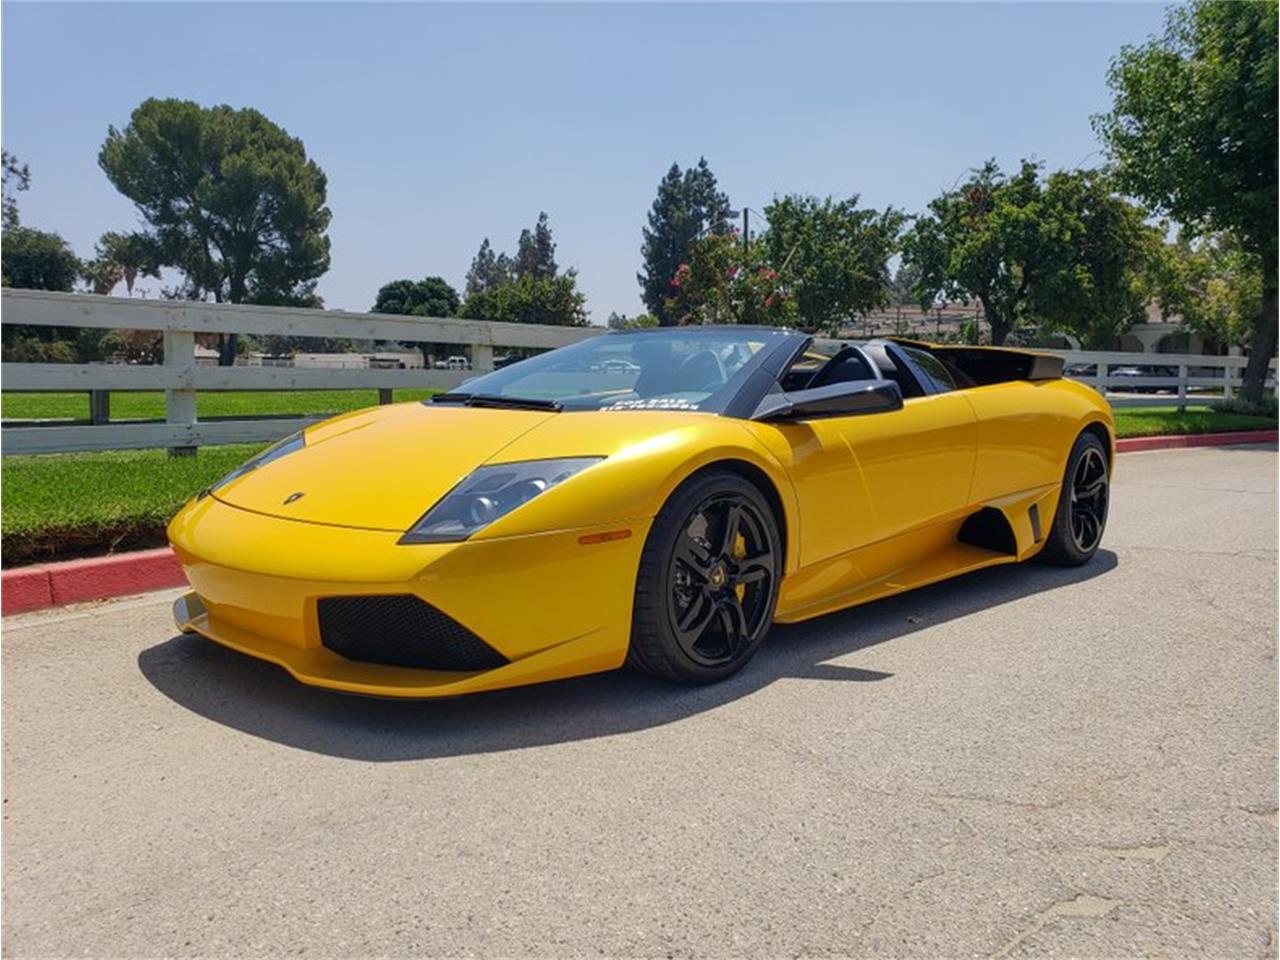 Large Picture of '08 Lamborghini Murcielago - $275,000.00 - Q7YB